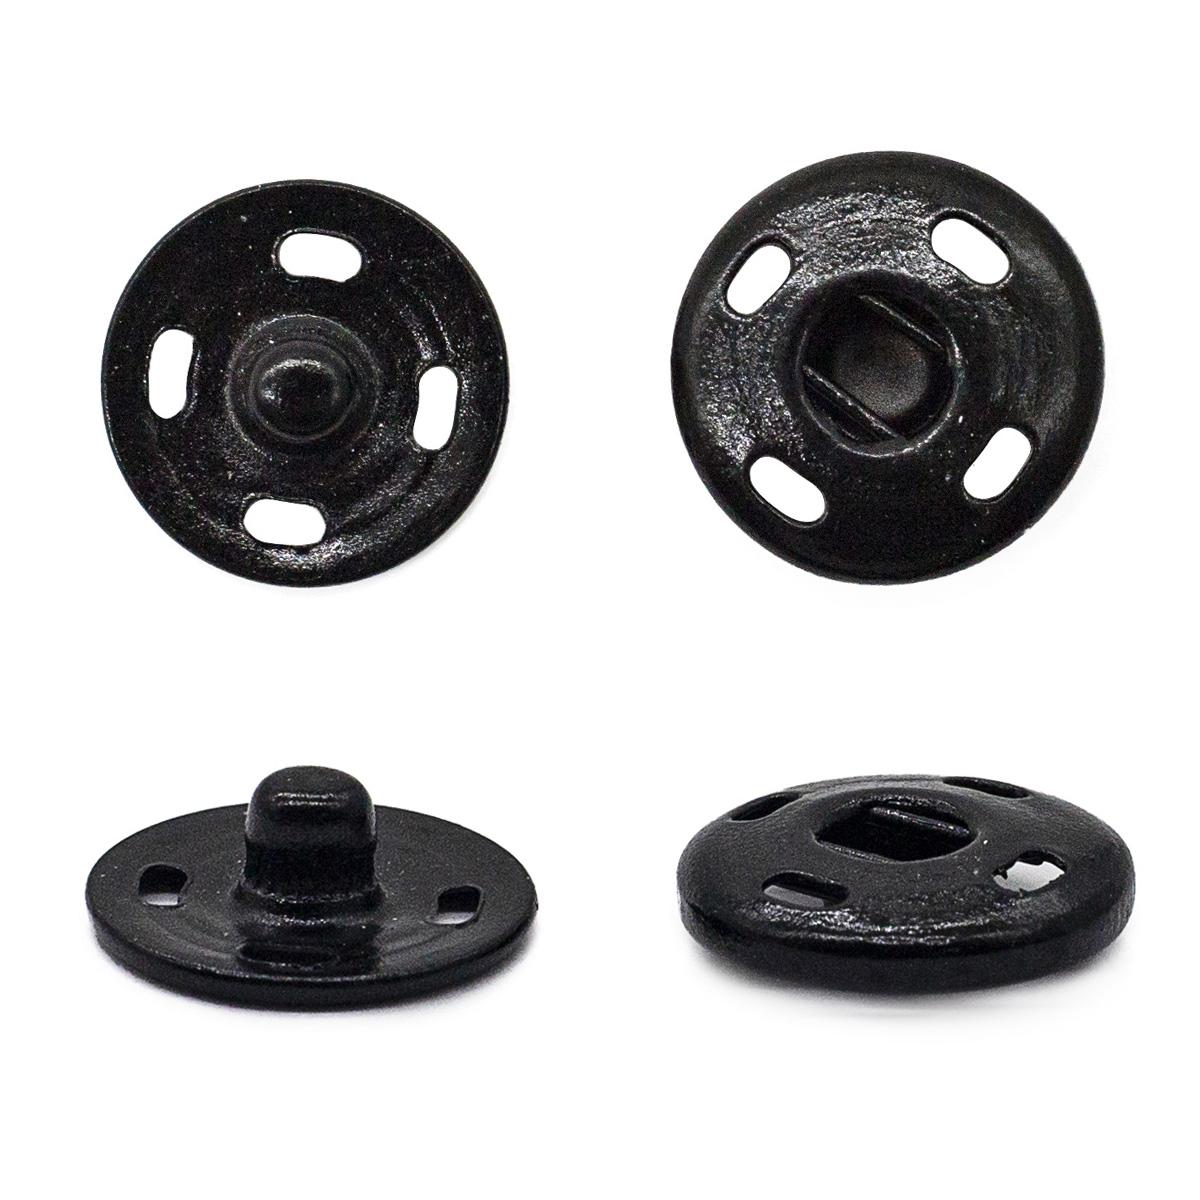 Кнопка пришивная PBM-3 мет. 14мм. черн. (24шт.) Кф (0300-5100)